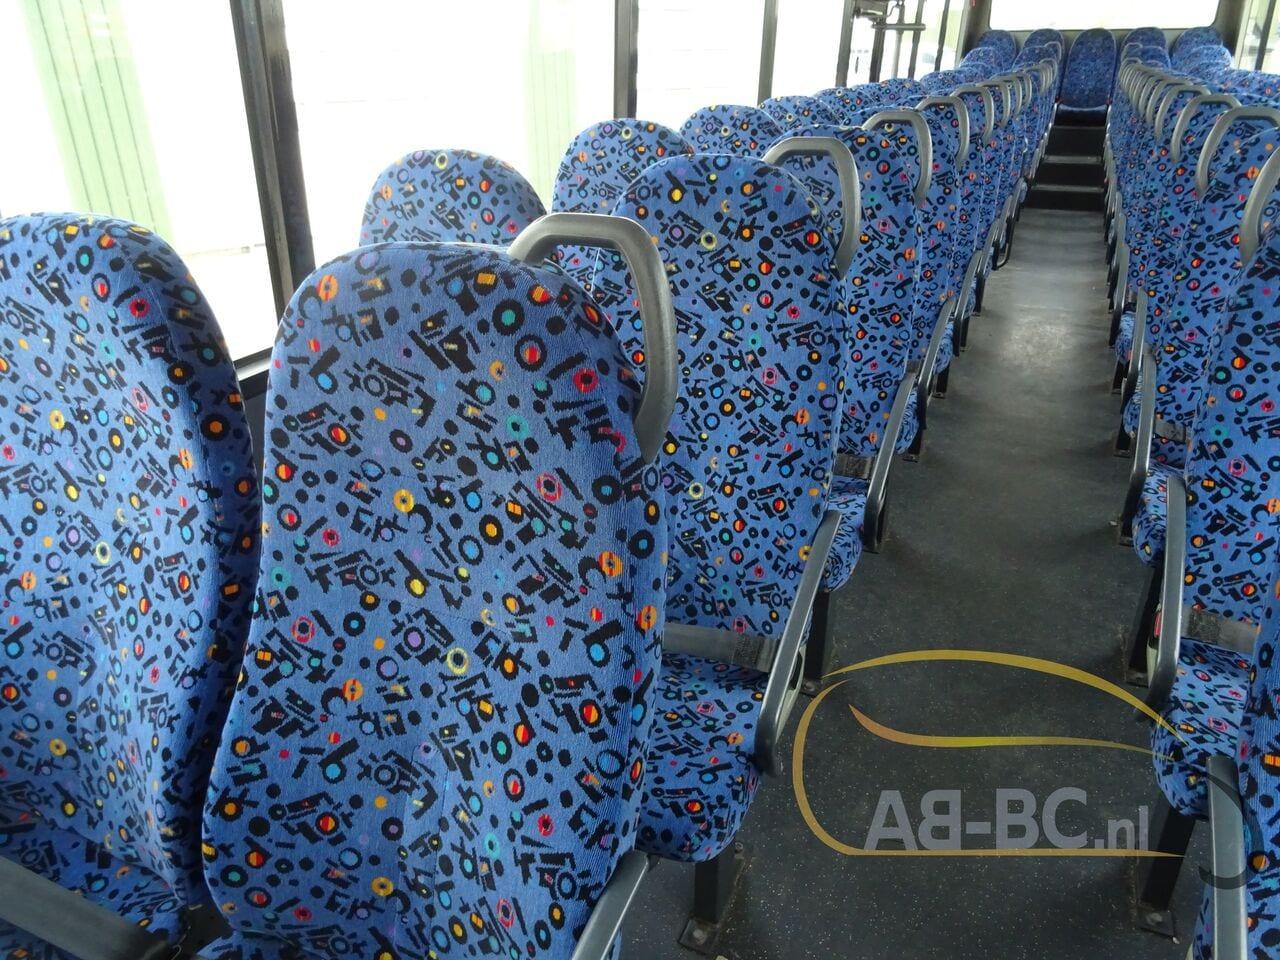 interurban-busMAN-Fast-64-seats---1619619971819122335_big_3d7e7d5c006942a547cf41f6ca955413--21042817163019598600